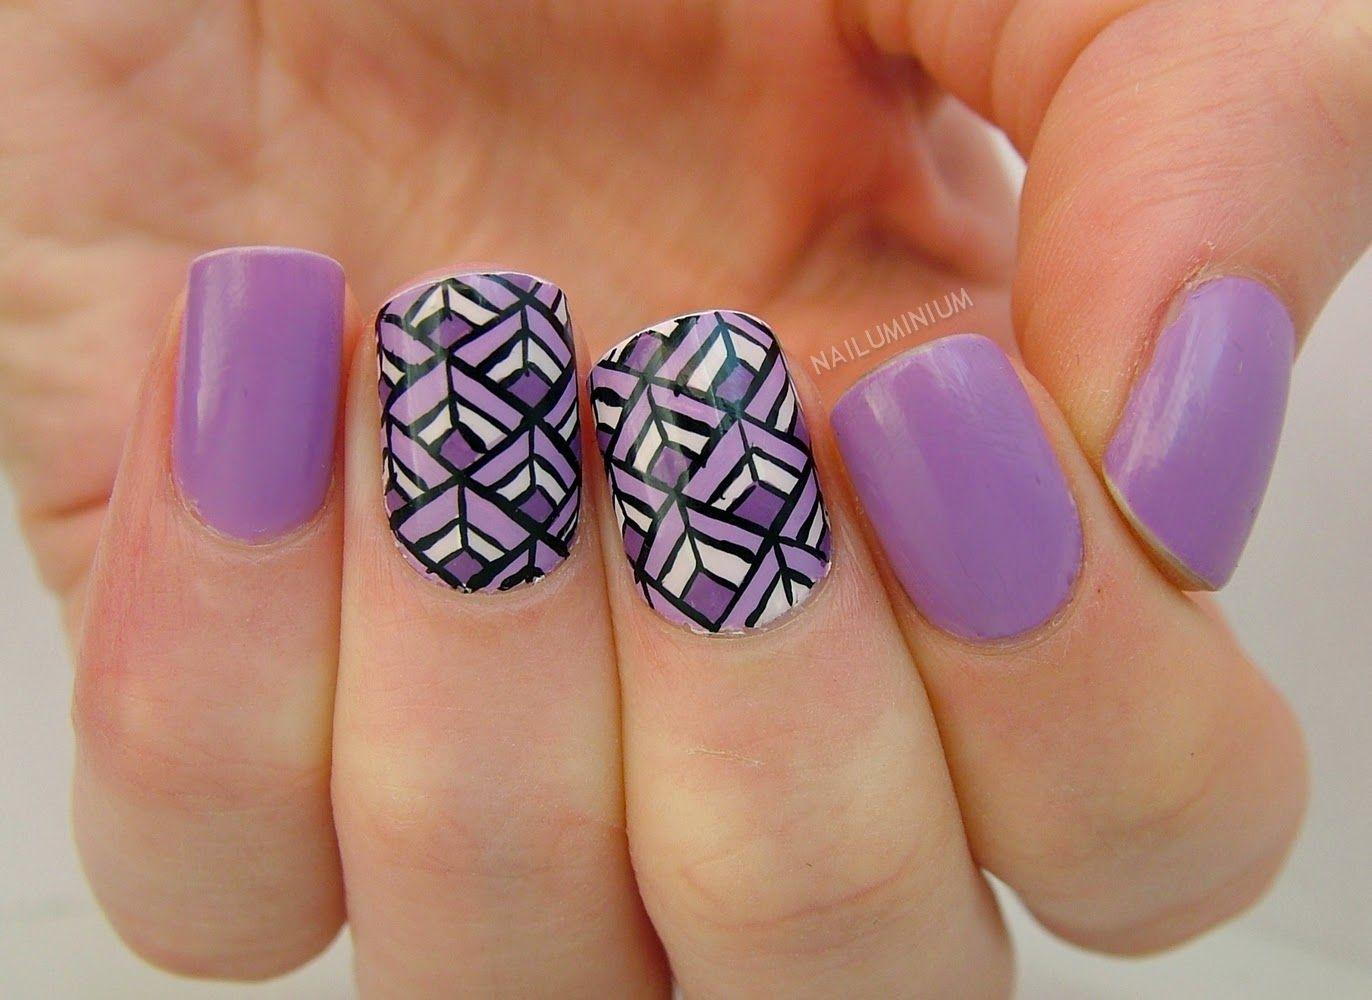 Nailuminium: Lavender Diamonds #nail #nails #nailart